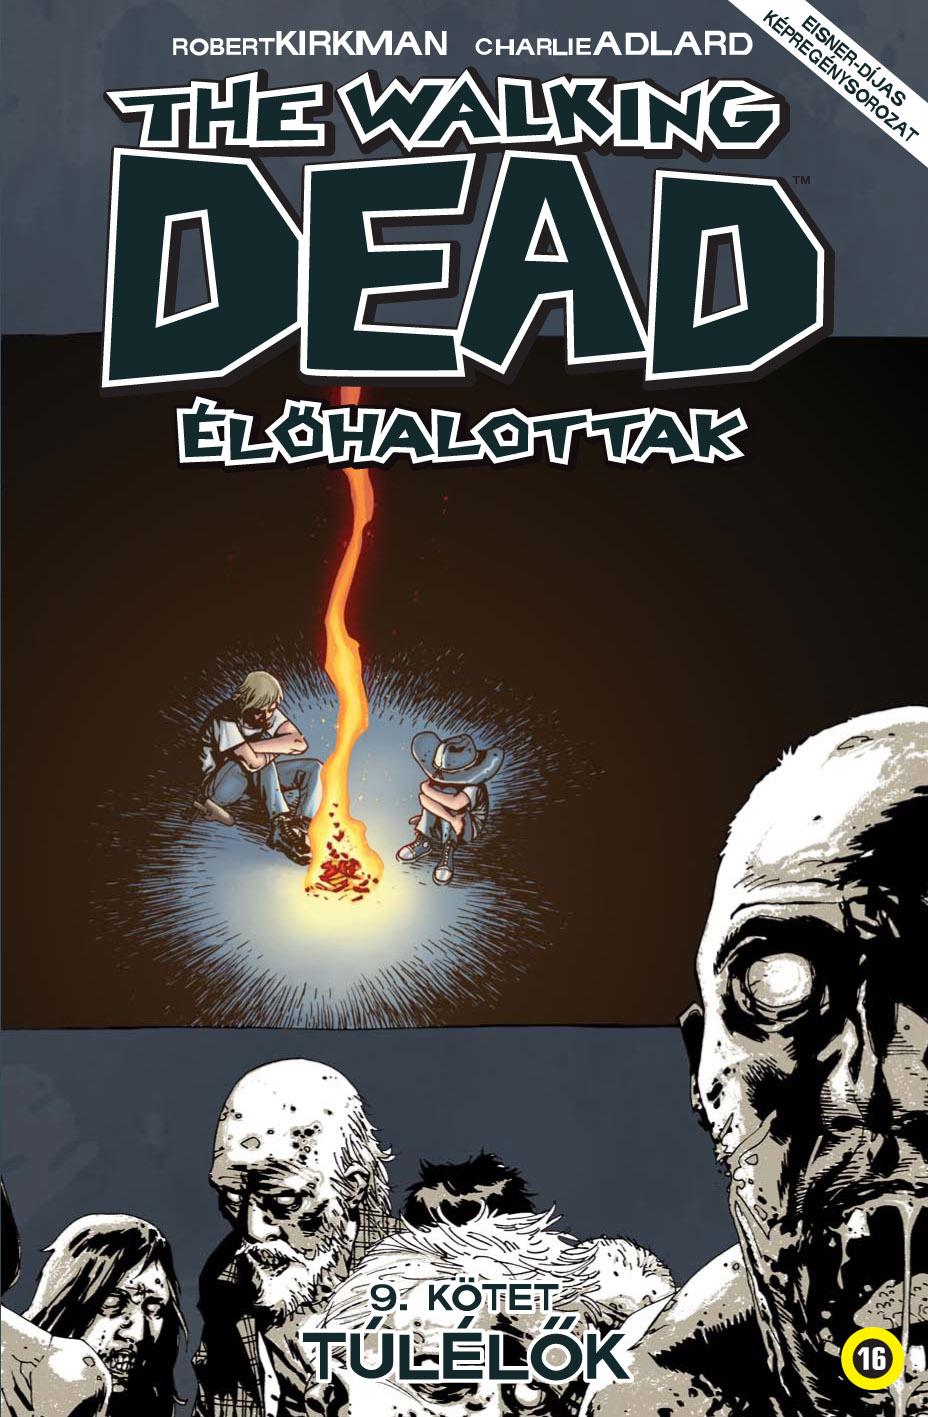 Brutális lefejezéssel érkezik a Walking Dead 9. kötete